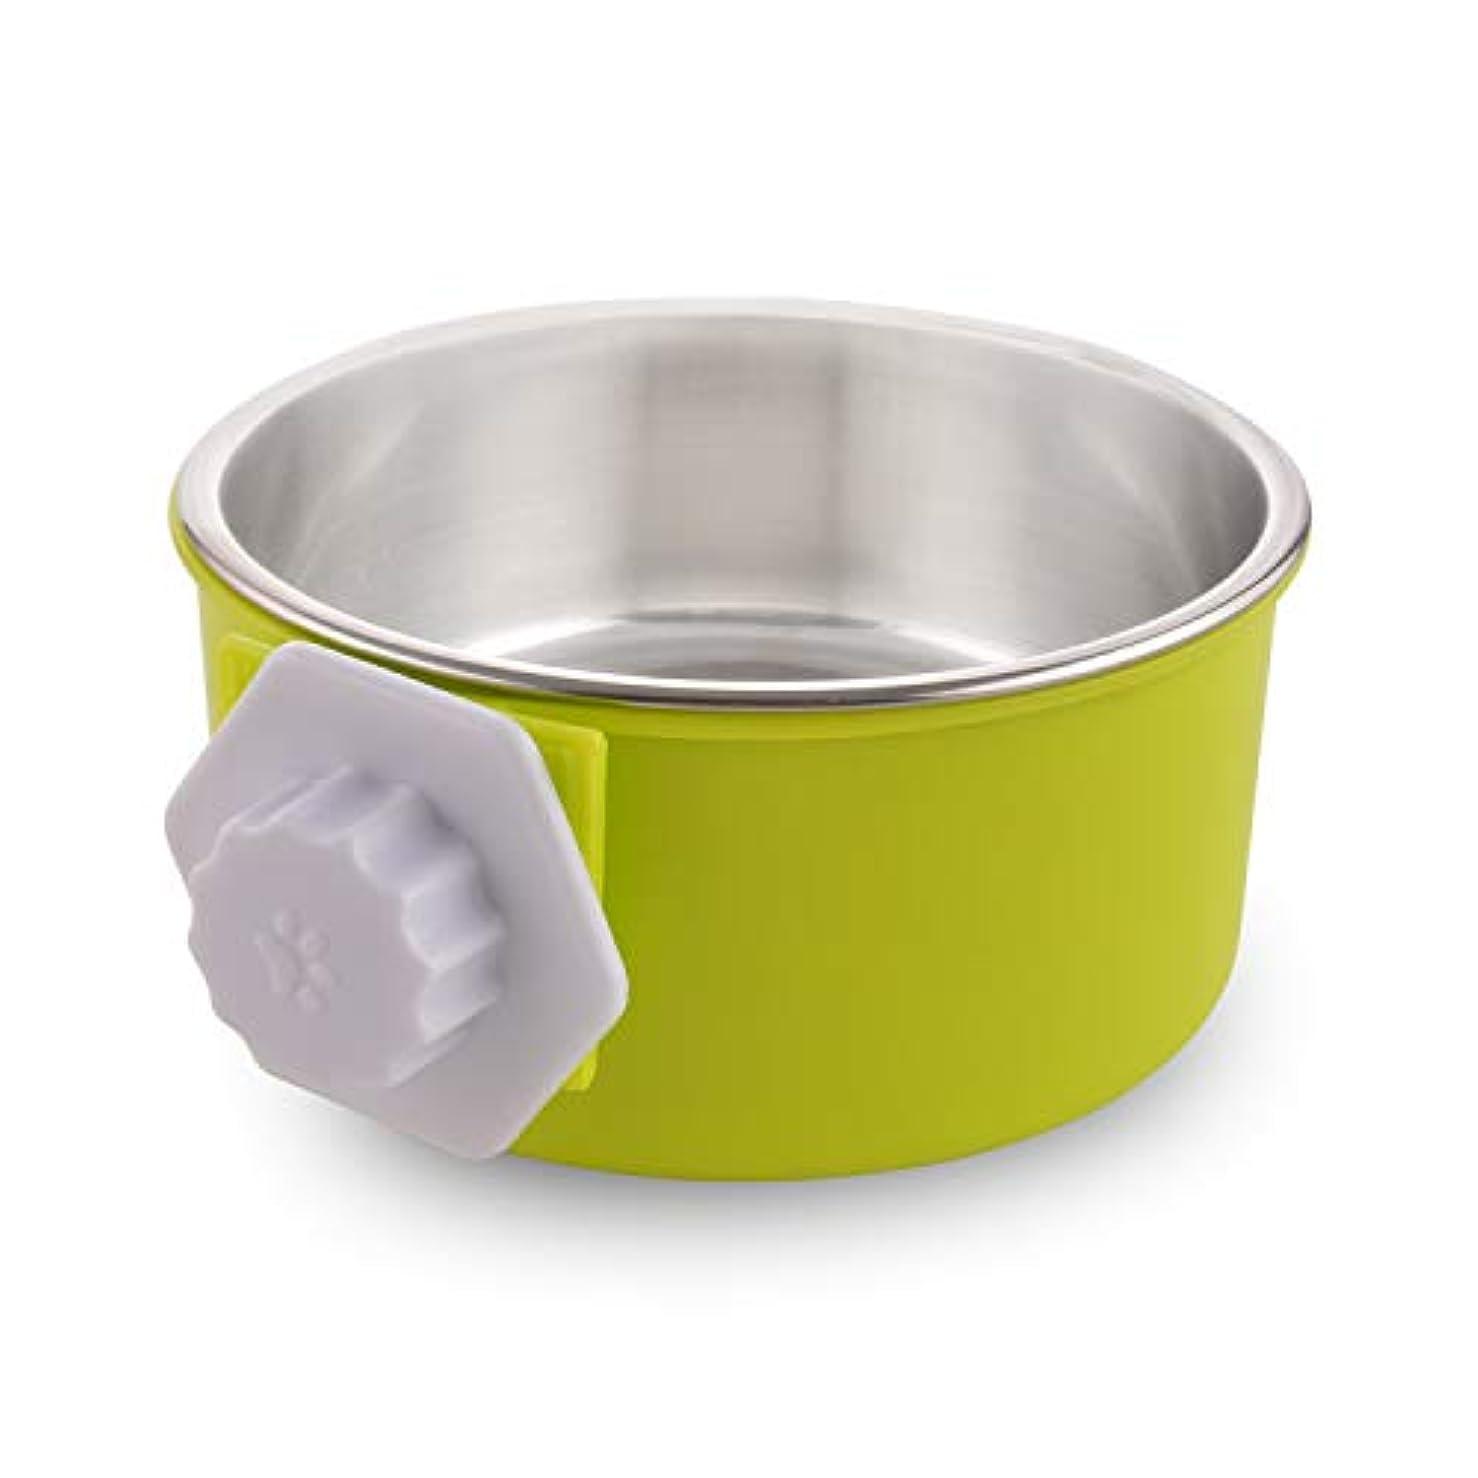 間違えた学校の先生公平MOACC箱犬のボウル、犬のためのプラスチック子犬の送り装置の食糧水ボールが付いている取り外し可能なステンレス鋼の犬ボール